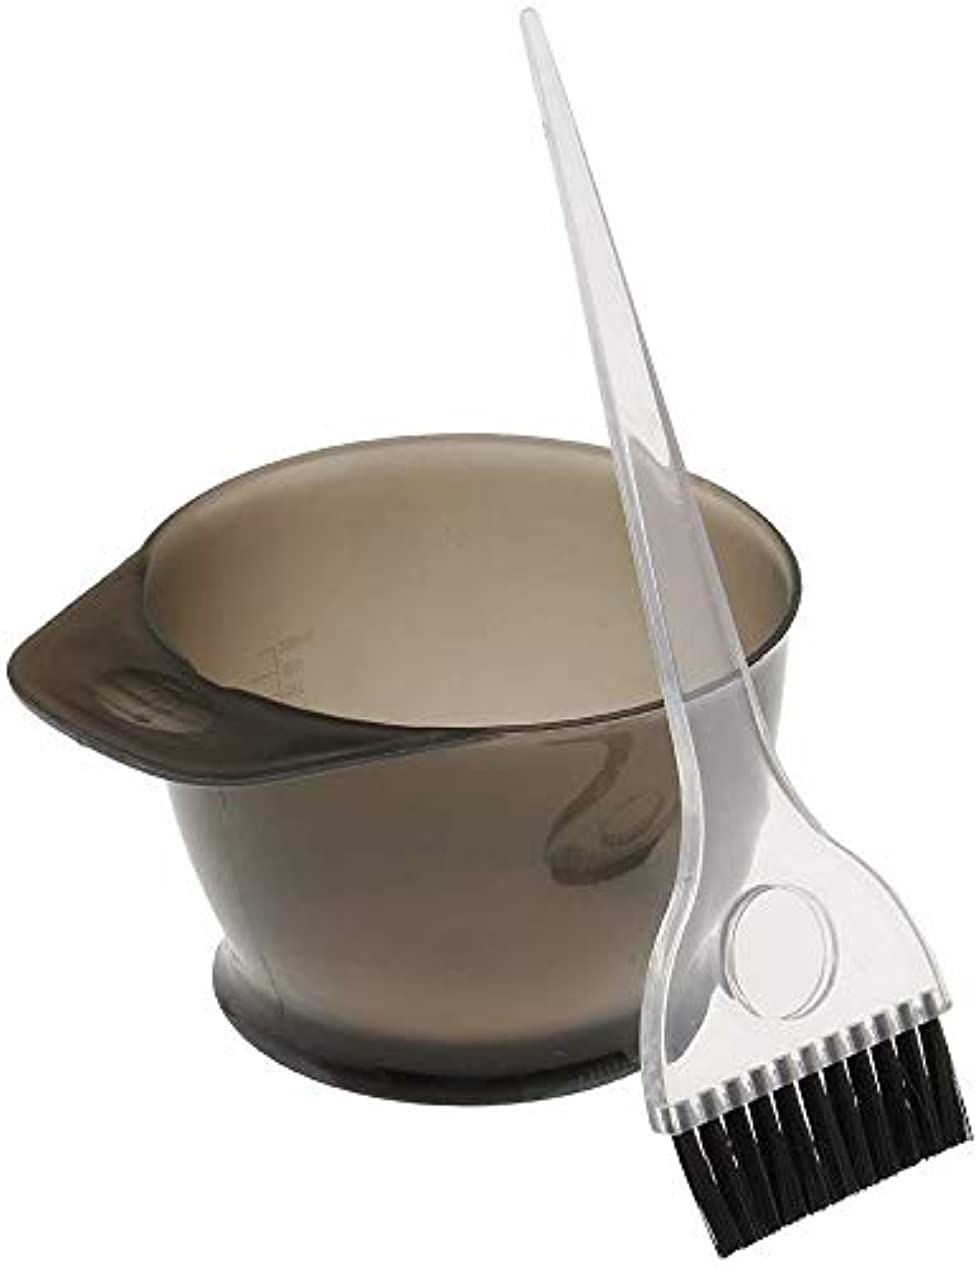 現れる家インポートヘアカラーリング 染色ボウル くしブラシ 色合いツール セットする に適う サロン理髪 ホーム 個人的な使用 (グレー)